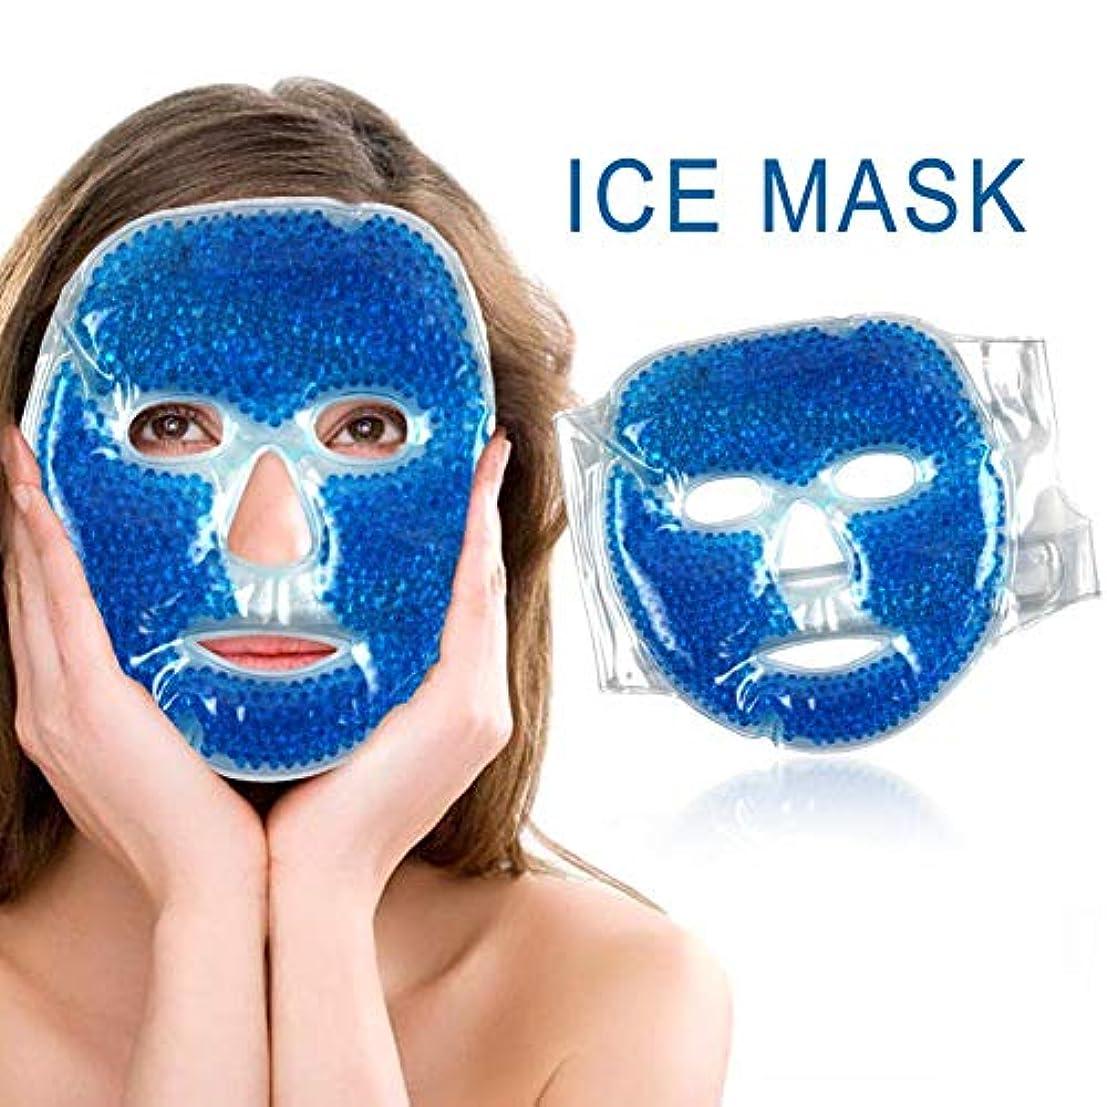 高価なダブル値SILUN フェイスマスク 冷温兼用 アイスマスク 美容用 再利用可能 毛細血管収縮 疲労緩和 肌ケア 保湿 吸収しやすい 美容マッサージ